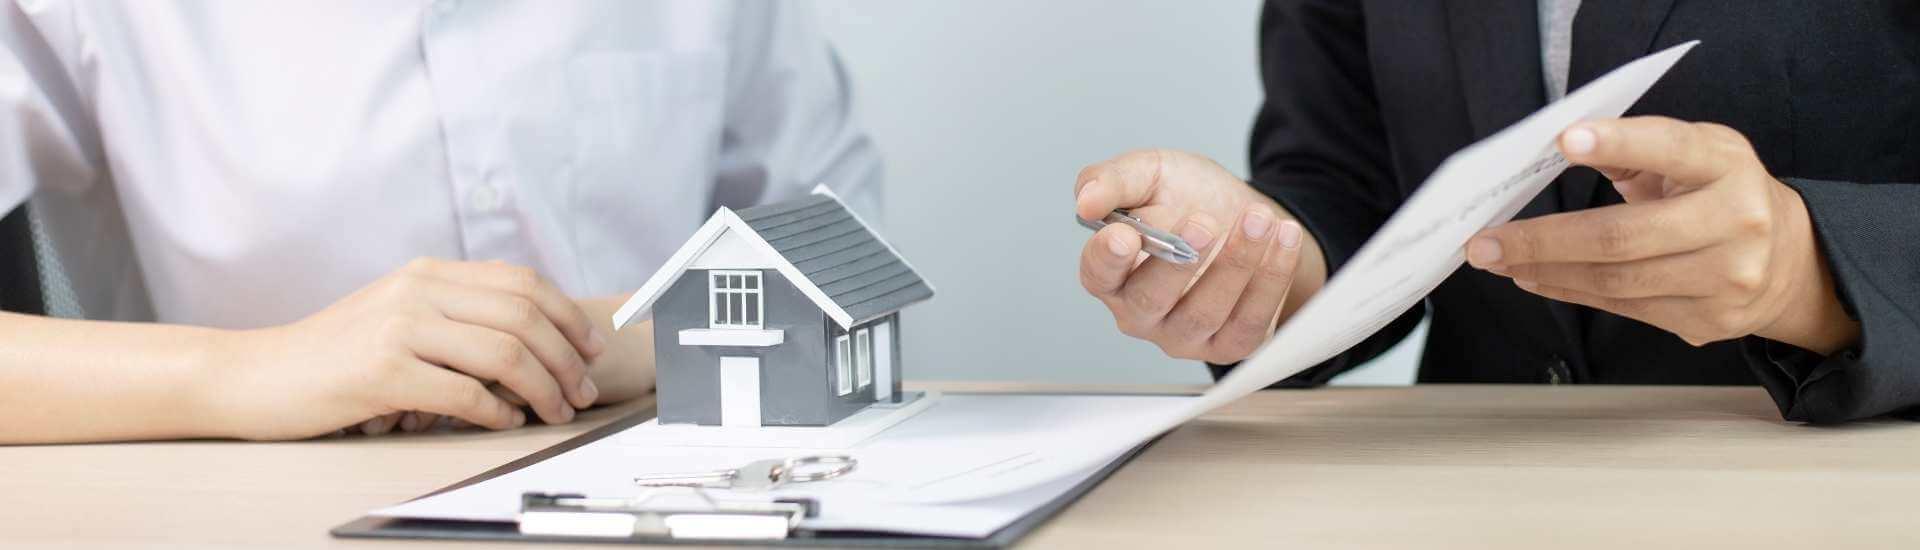 Dicas para proprietários que desejam investir em aluguel por temporada